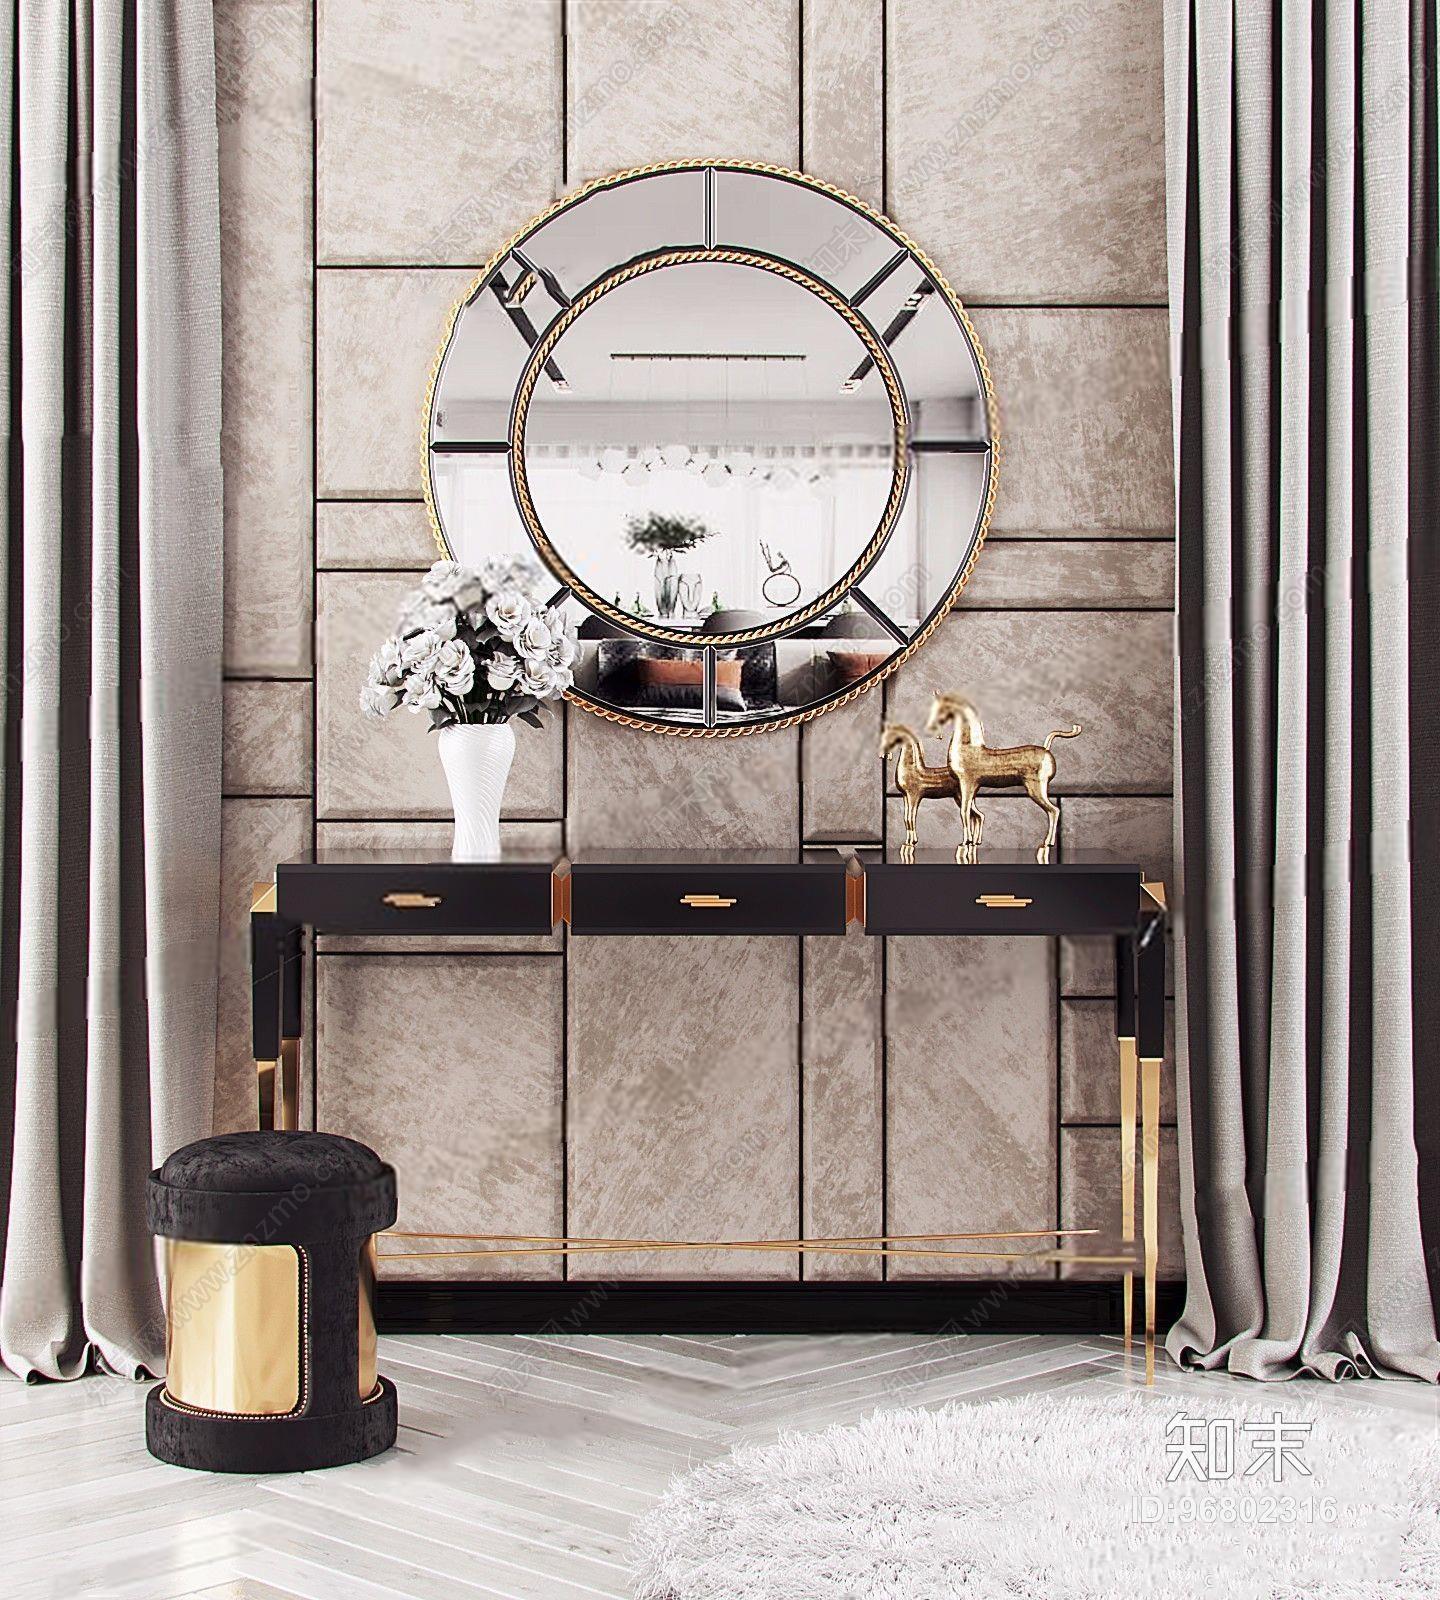 葡萄牙LUXXU现代奢华玄关柜凳子摆件镜子组合 现代边柜/玄关柜 餐边柜 电视柜 玄关柜 矮凳 凳子 摆件 饰品 镜子 花艺